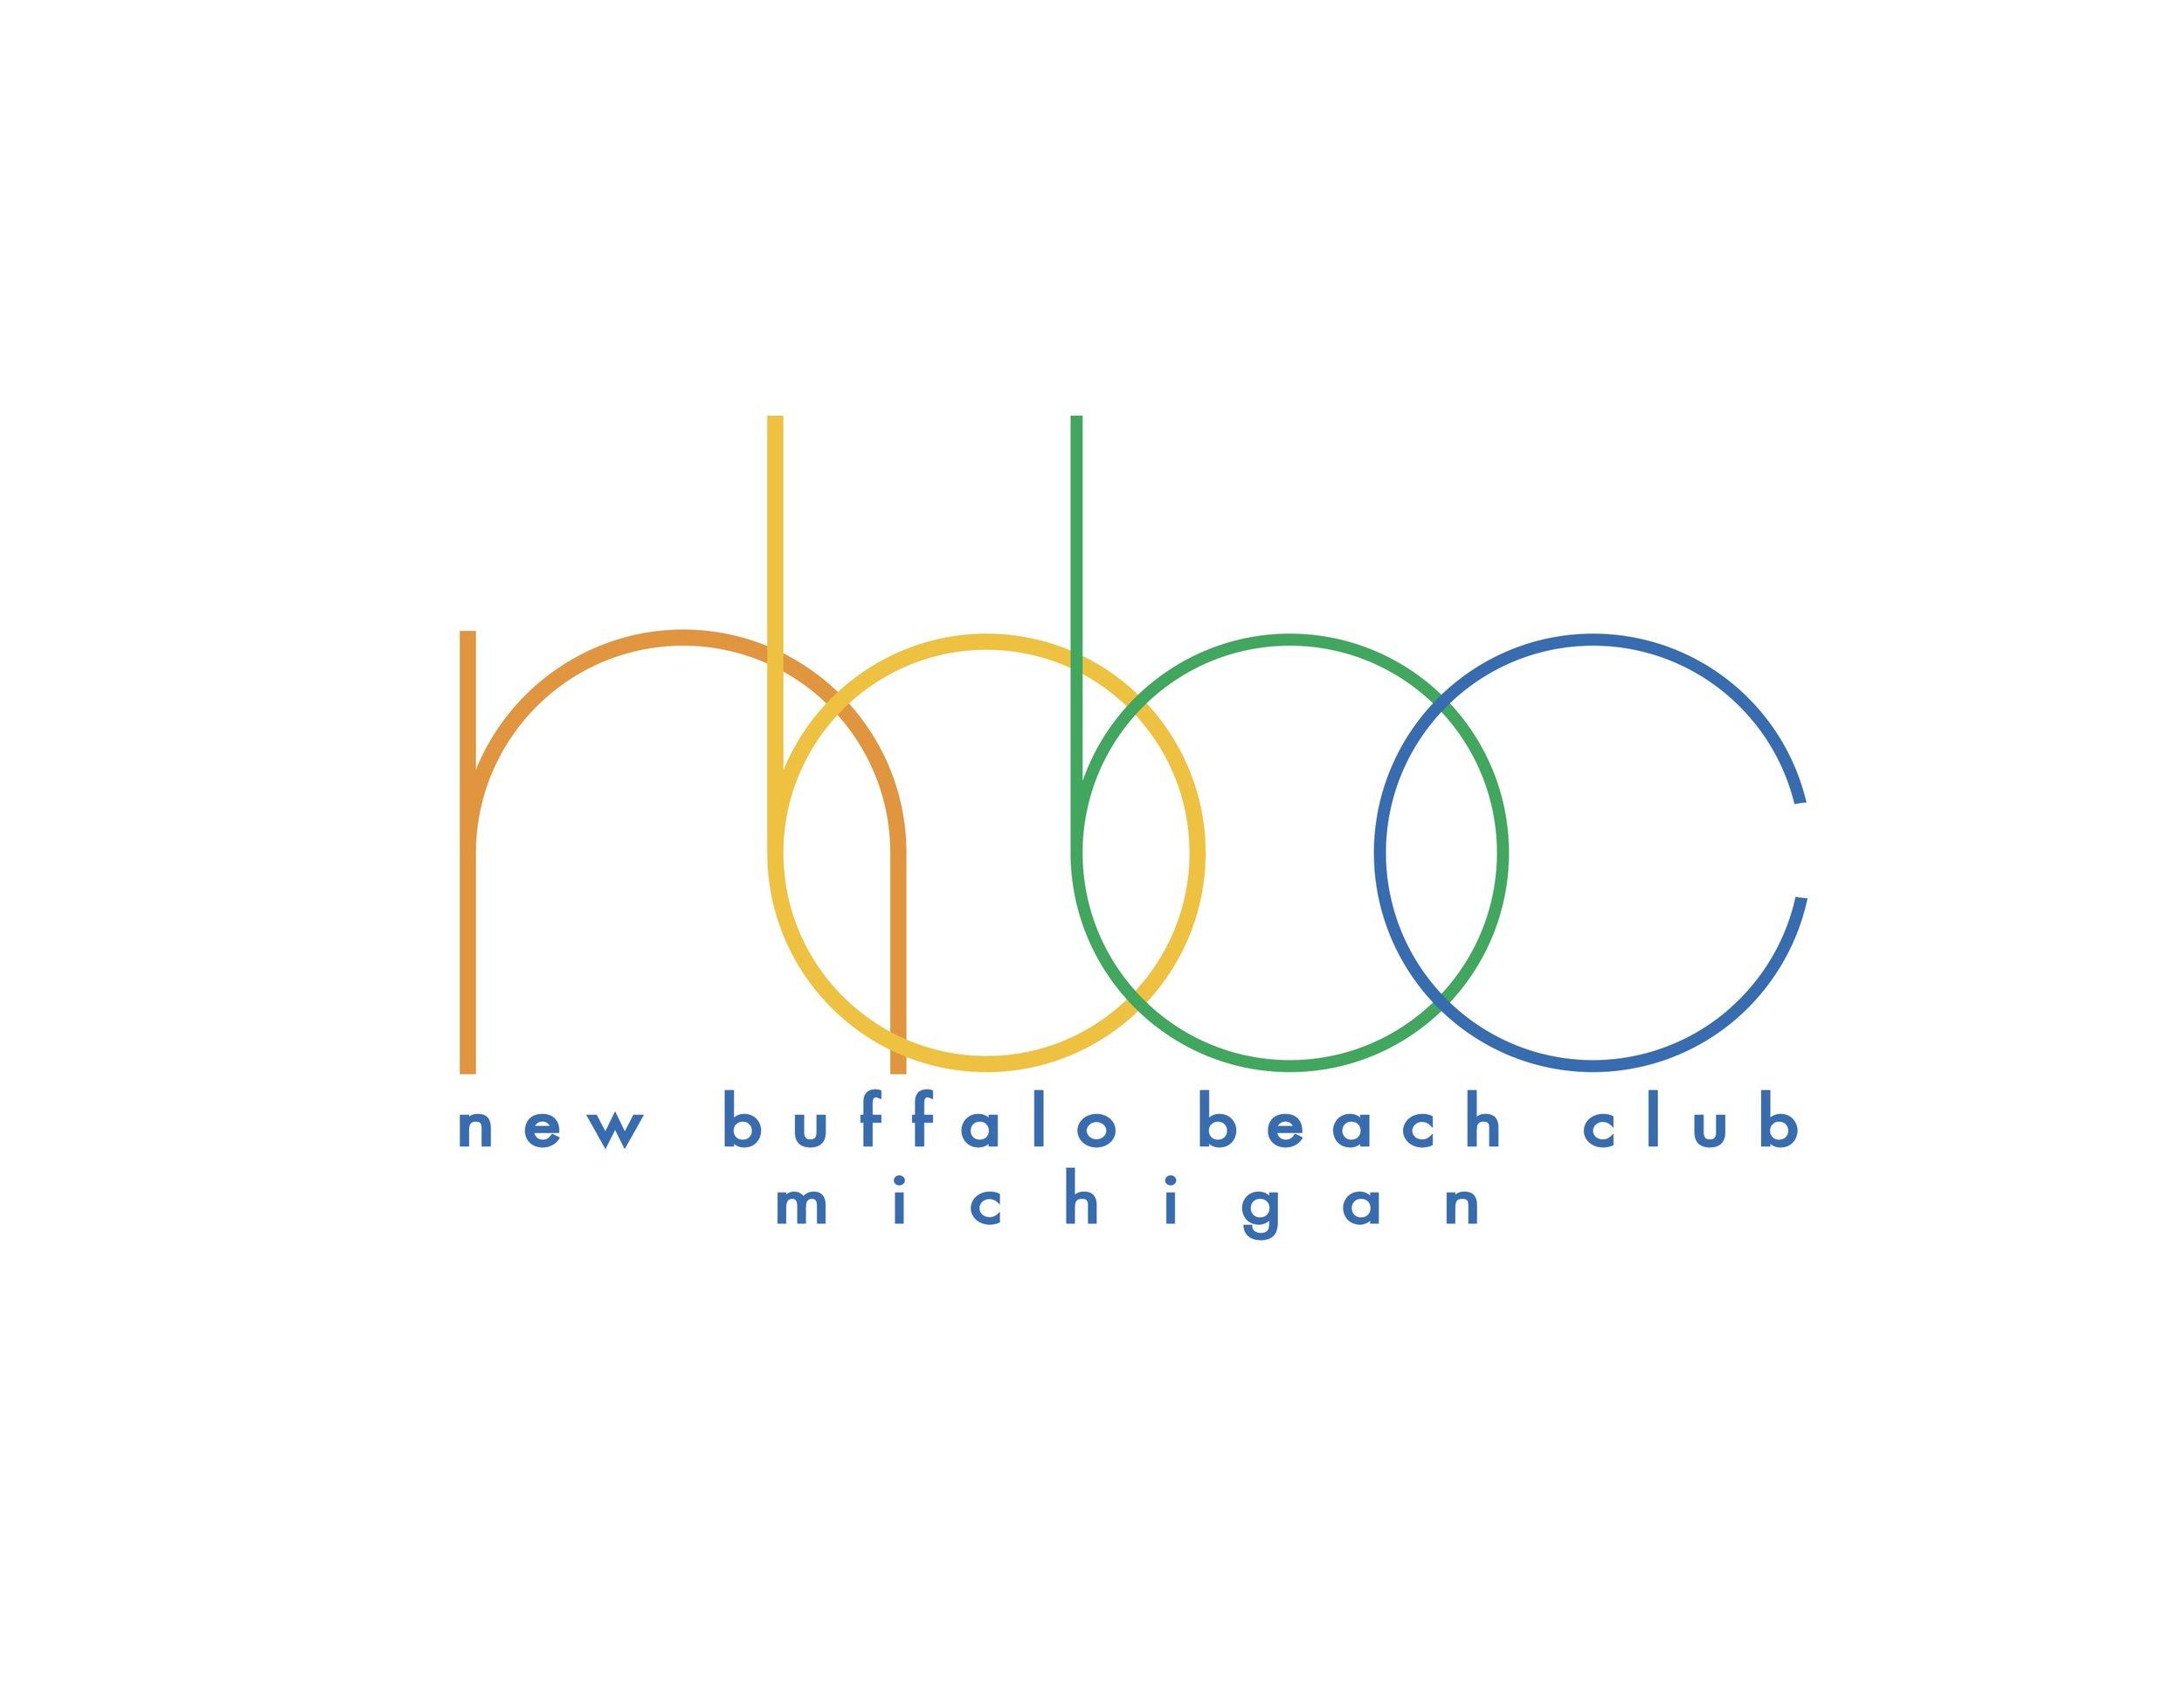 NBBC-thick-logo-color.jpg